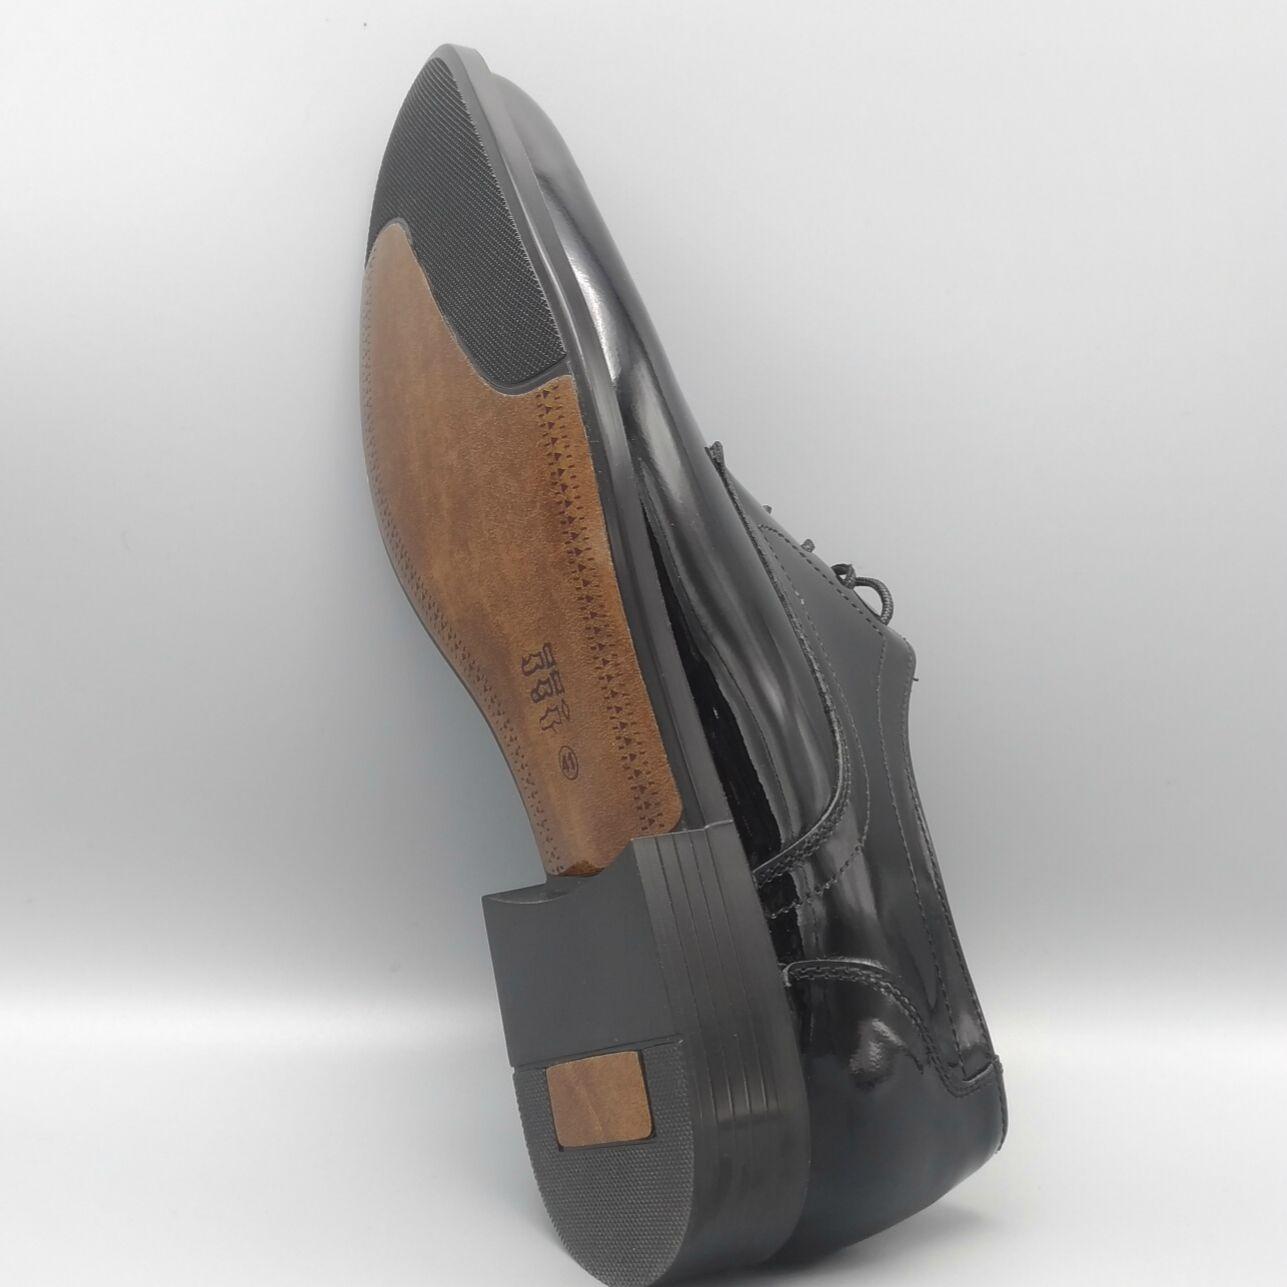 کفش مردانه مدل CLARS -  - 5